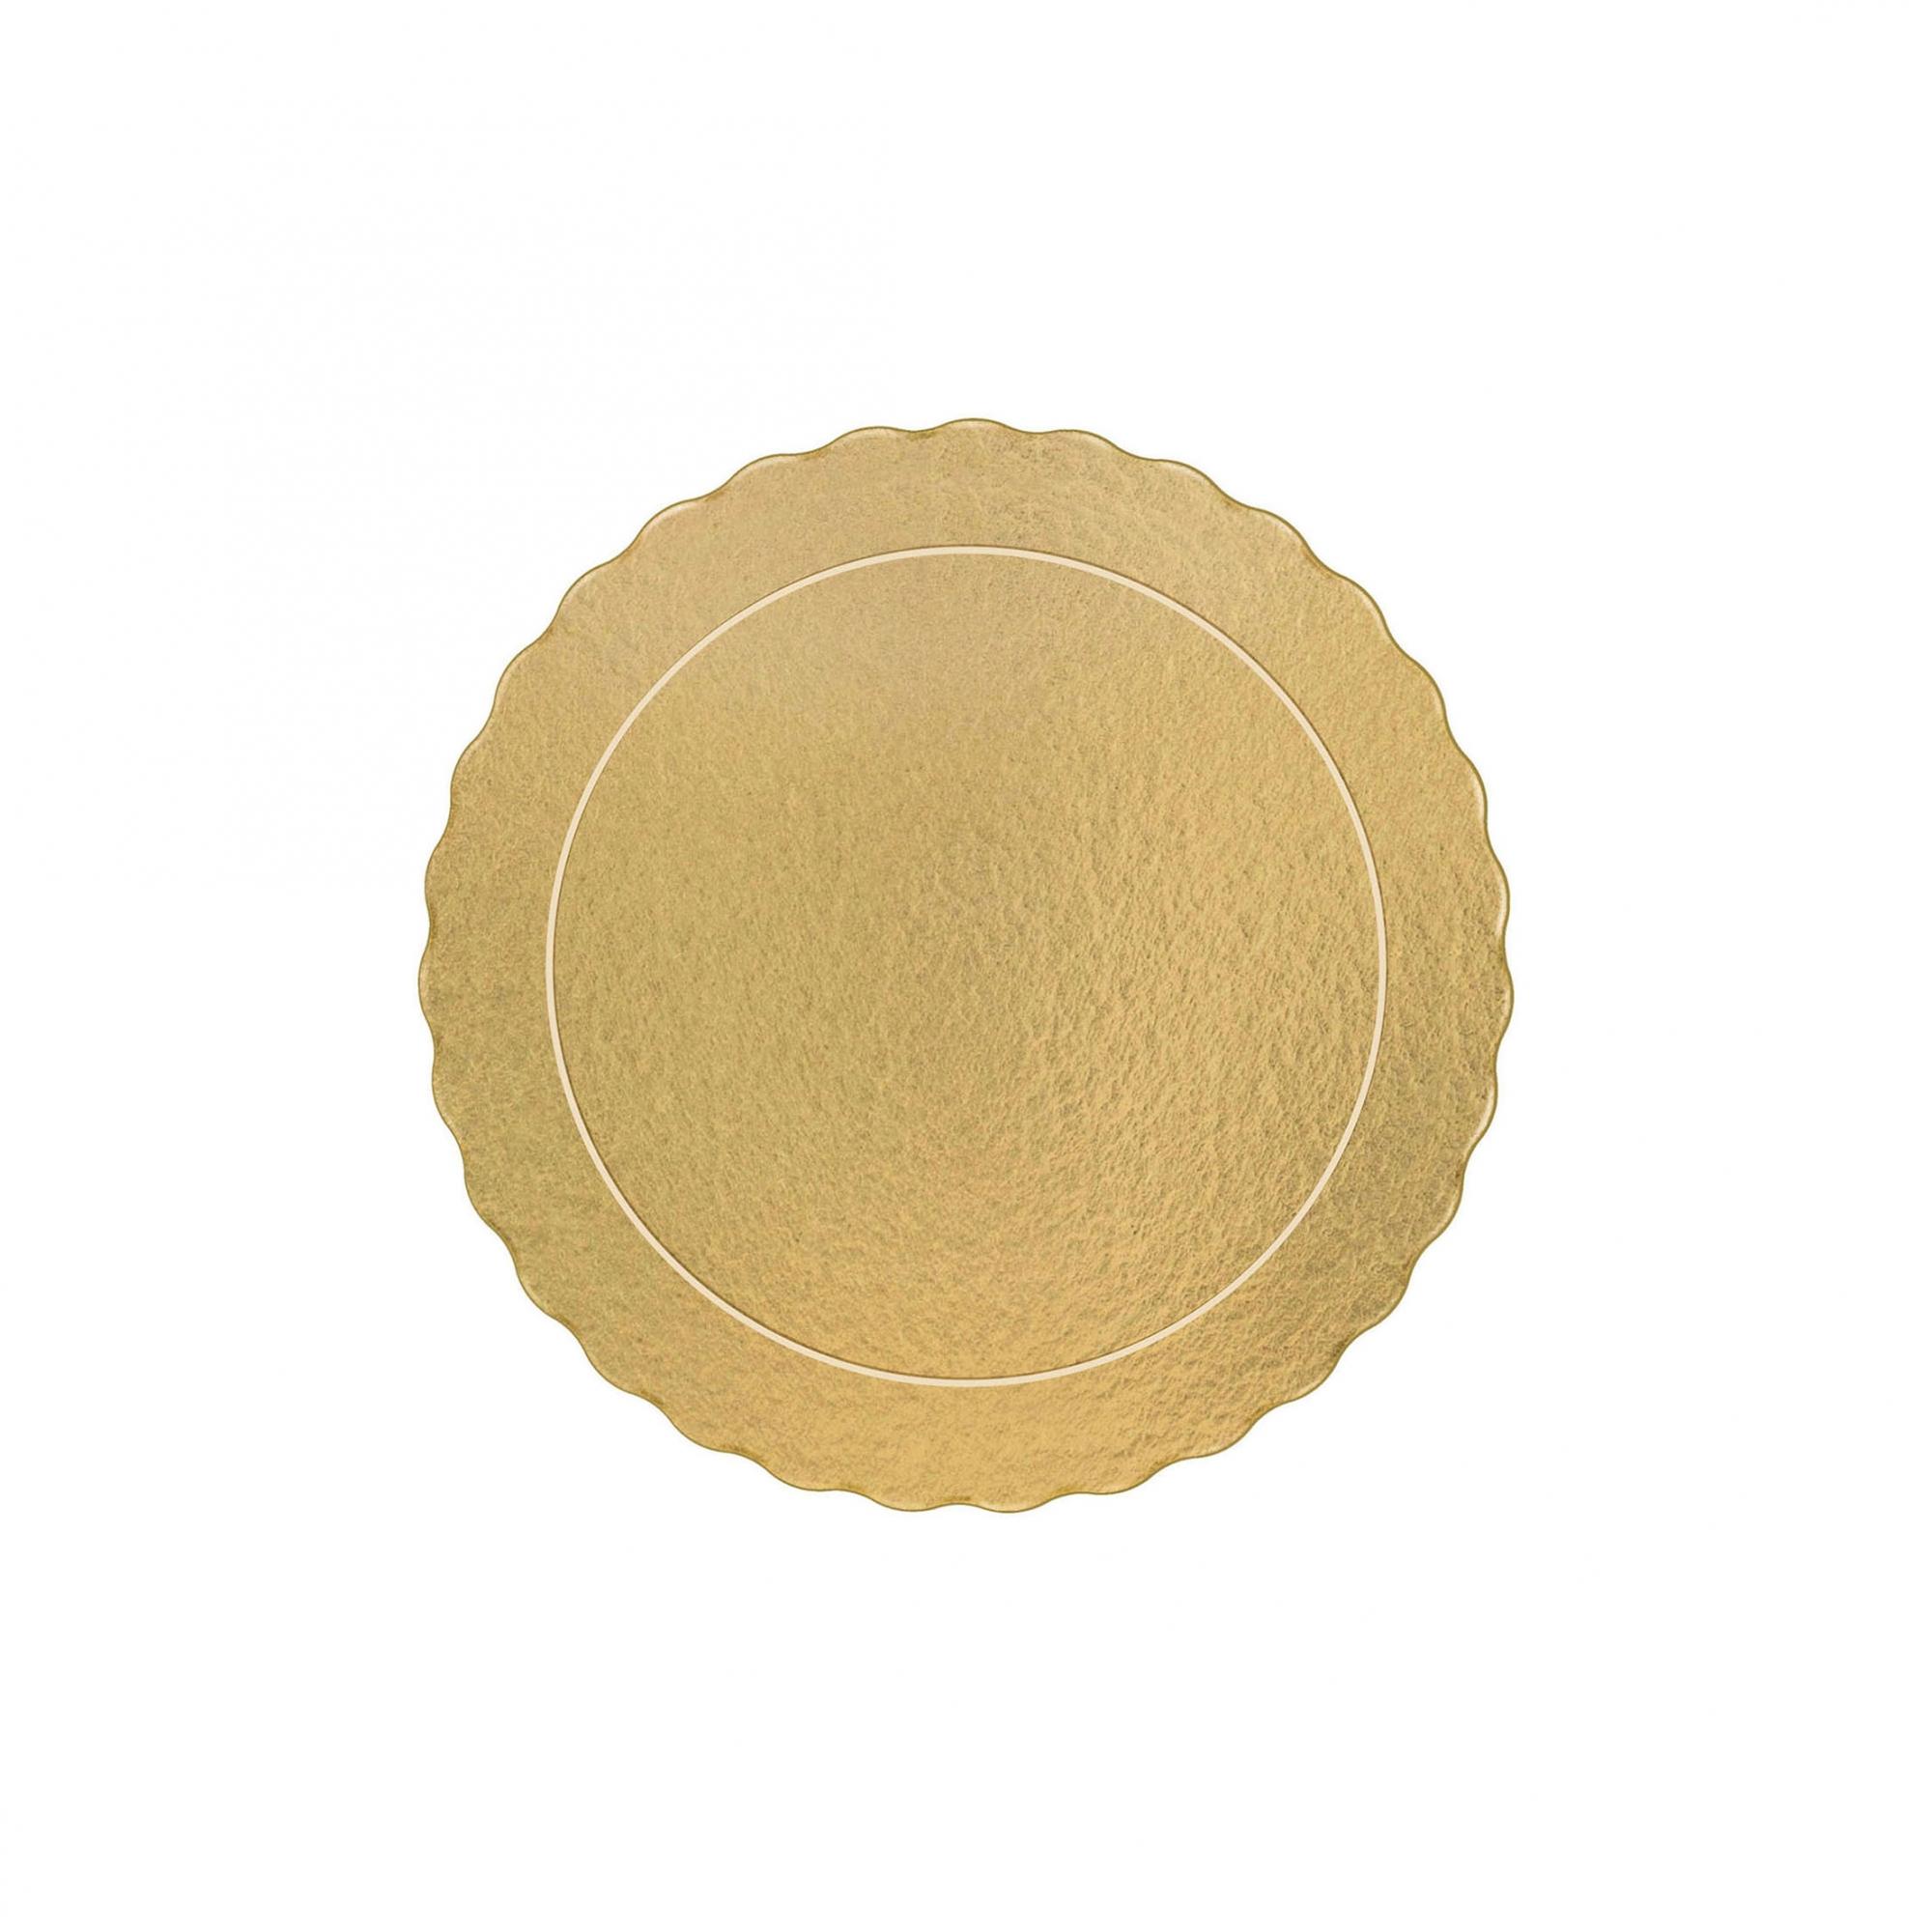 50 Bases Laminadas Para Bolo Redondo, Cake Board 21cm - Ouro